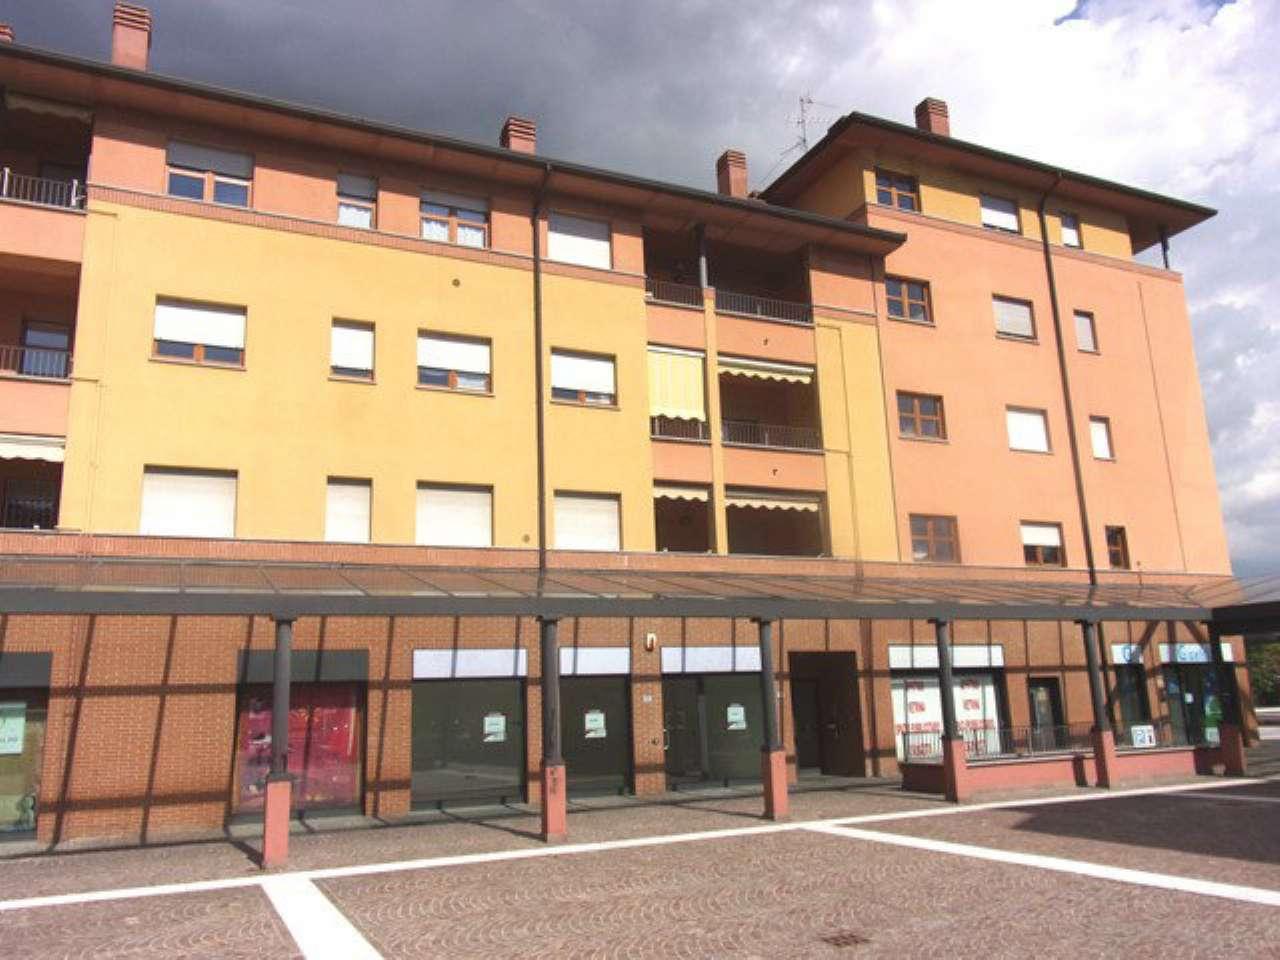 Negozio / Locale in vendita a Desio, 1 locali, prezzo € 106.000   Cambio Casa.it